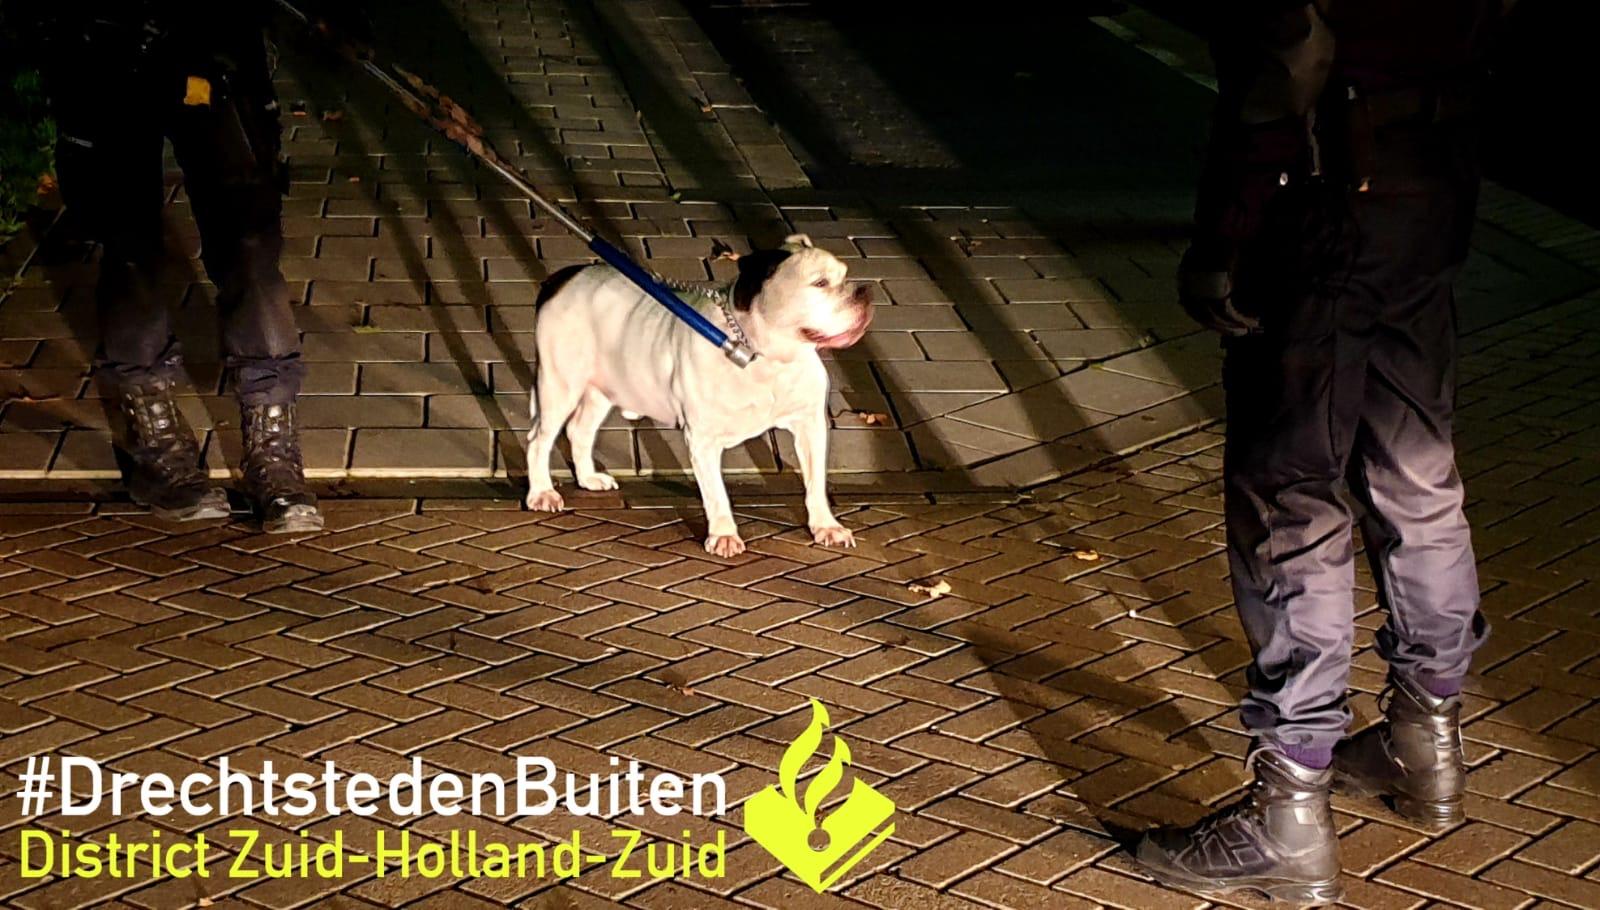 Hond hapt naar oppas Fazantplein Sliedrecht